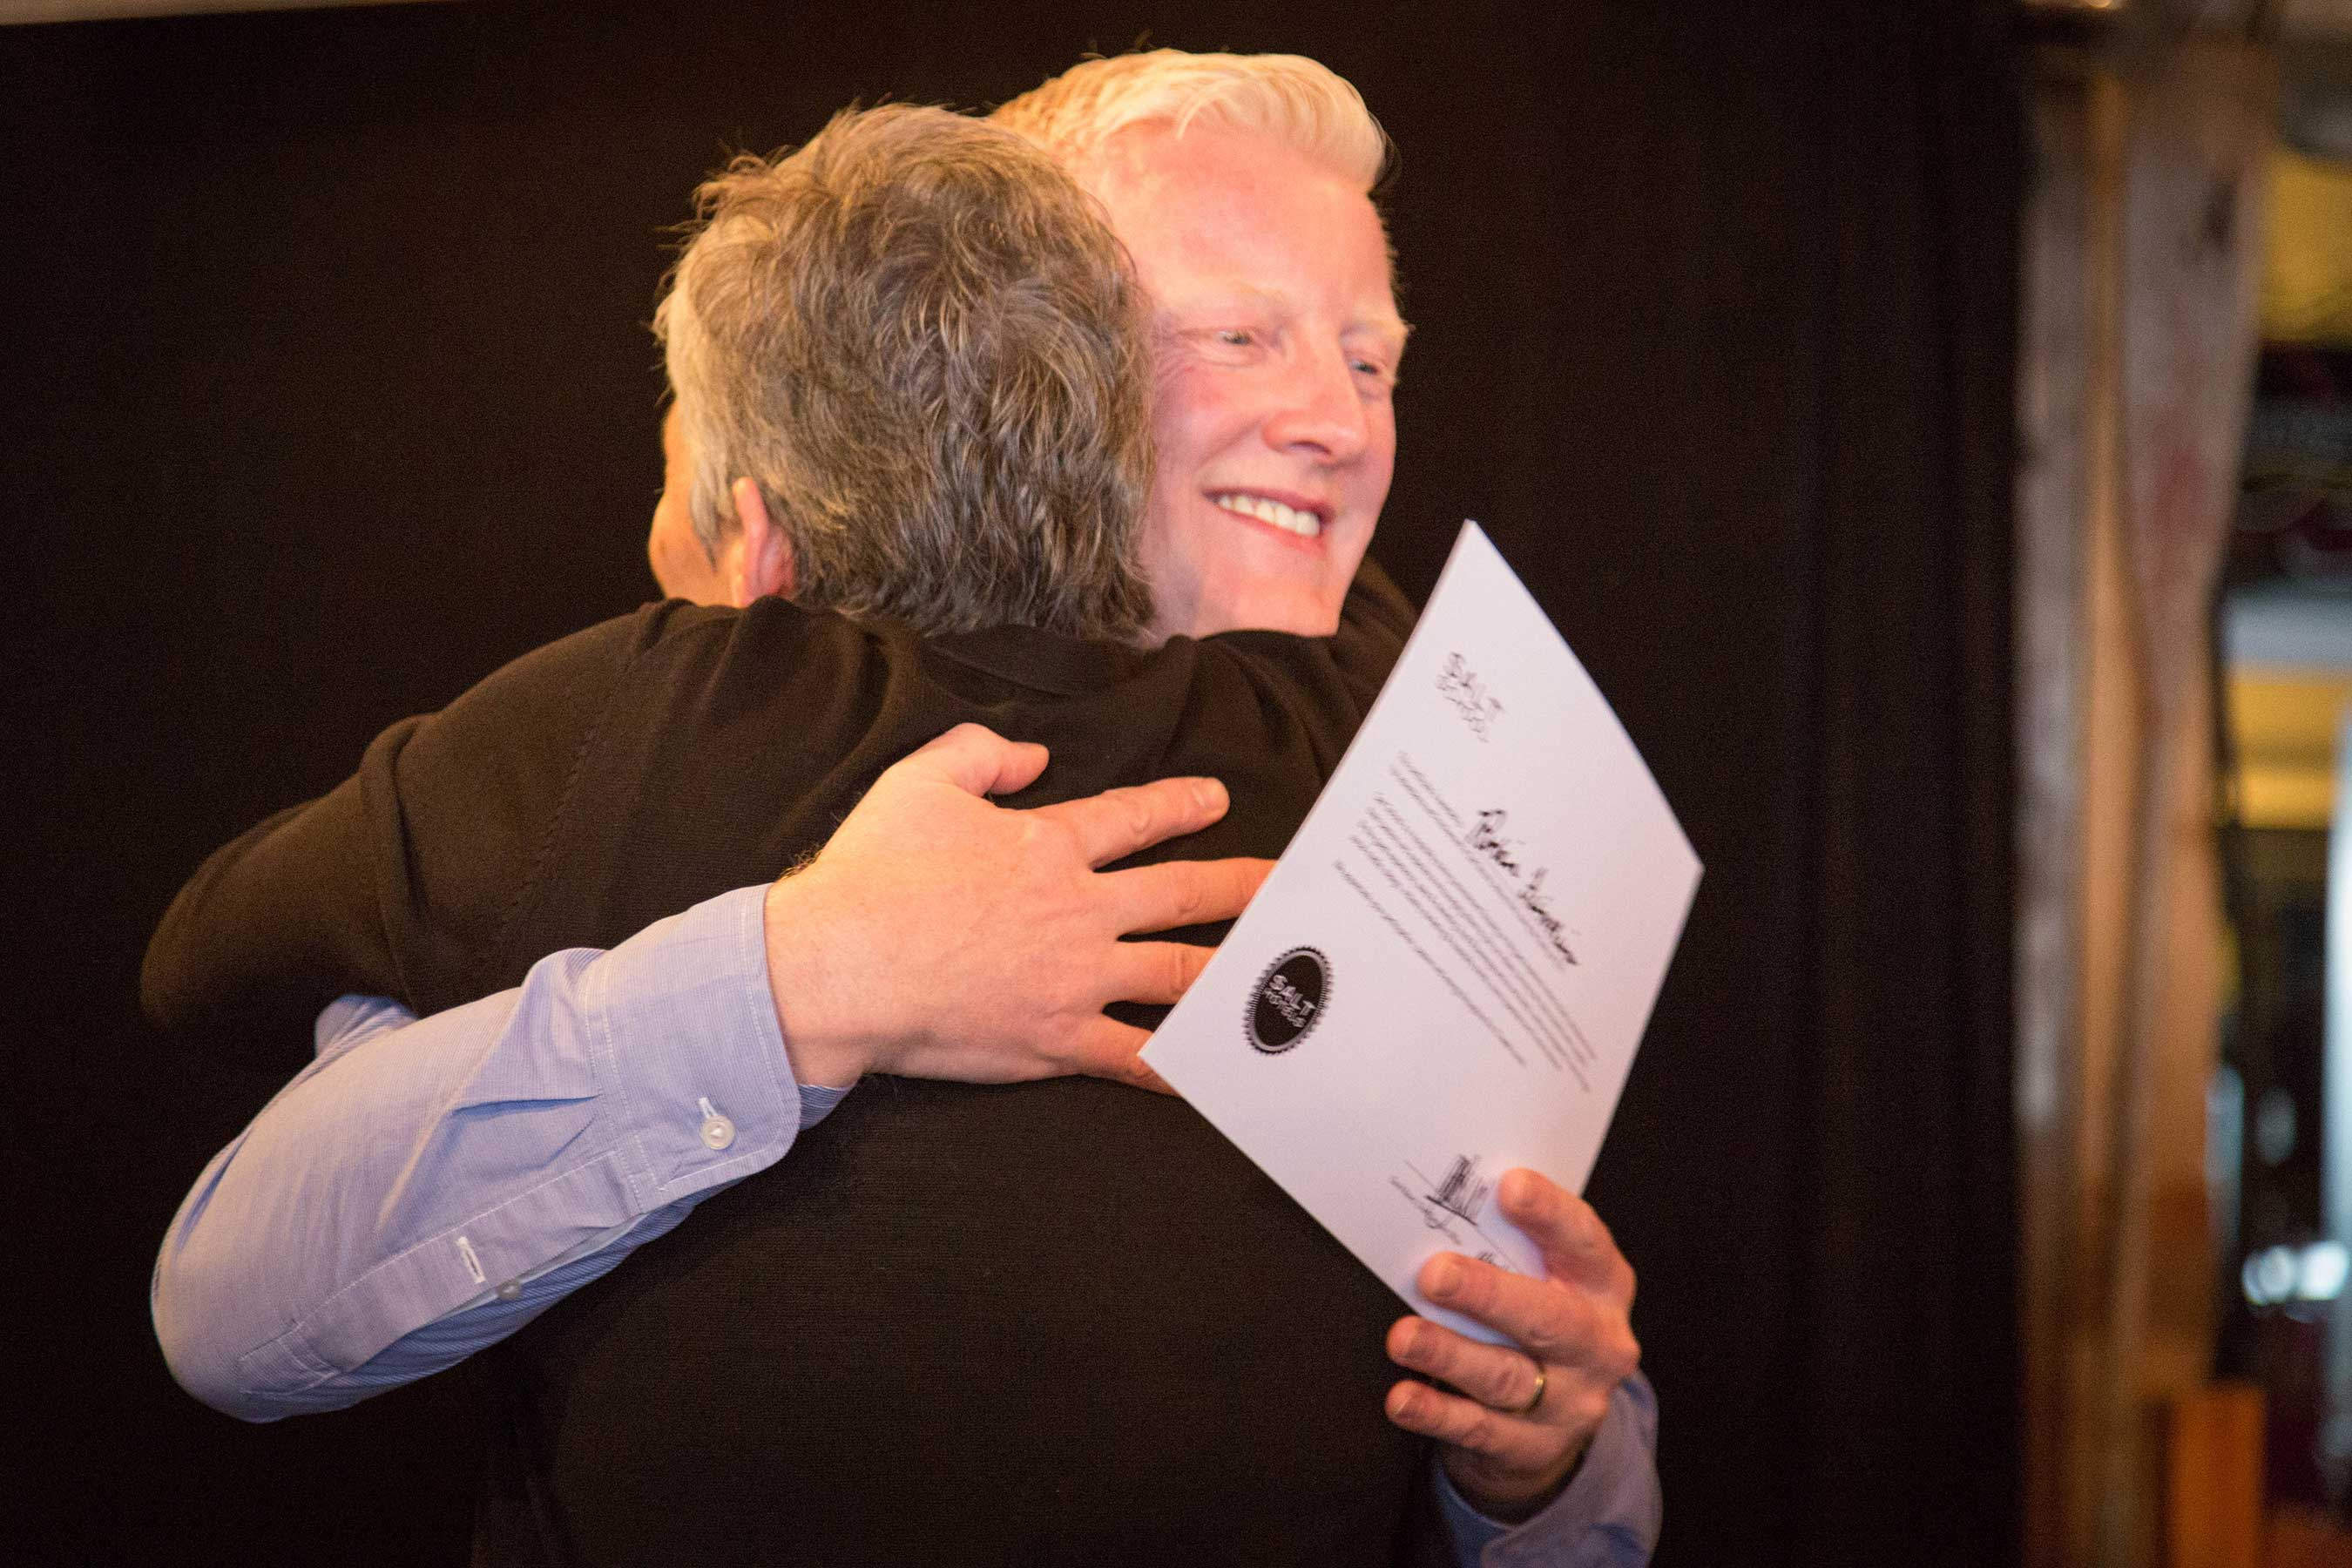 David Bowd awards a Salt School student her diploma